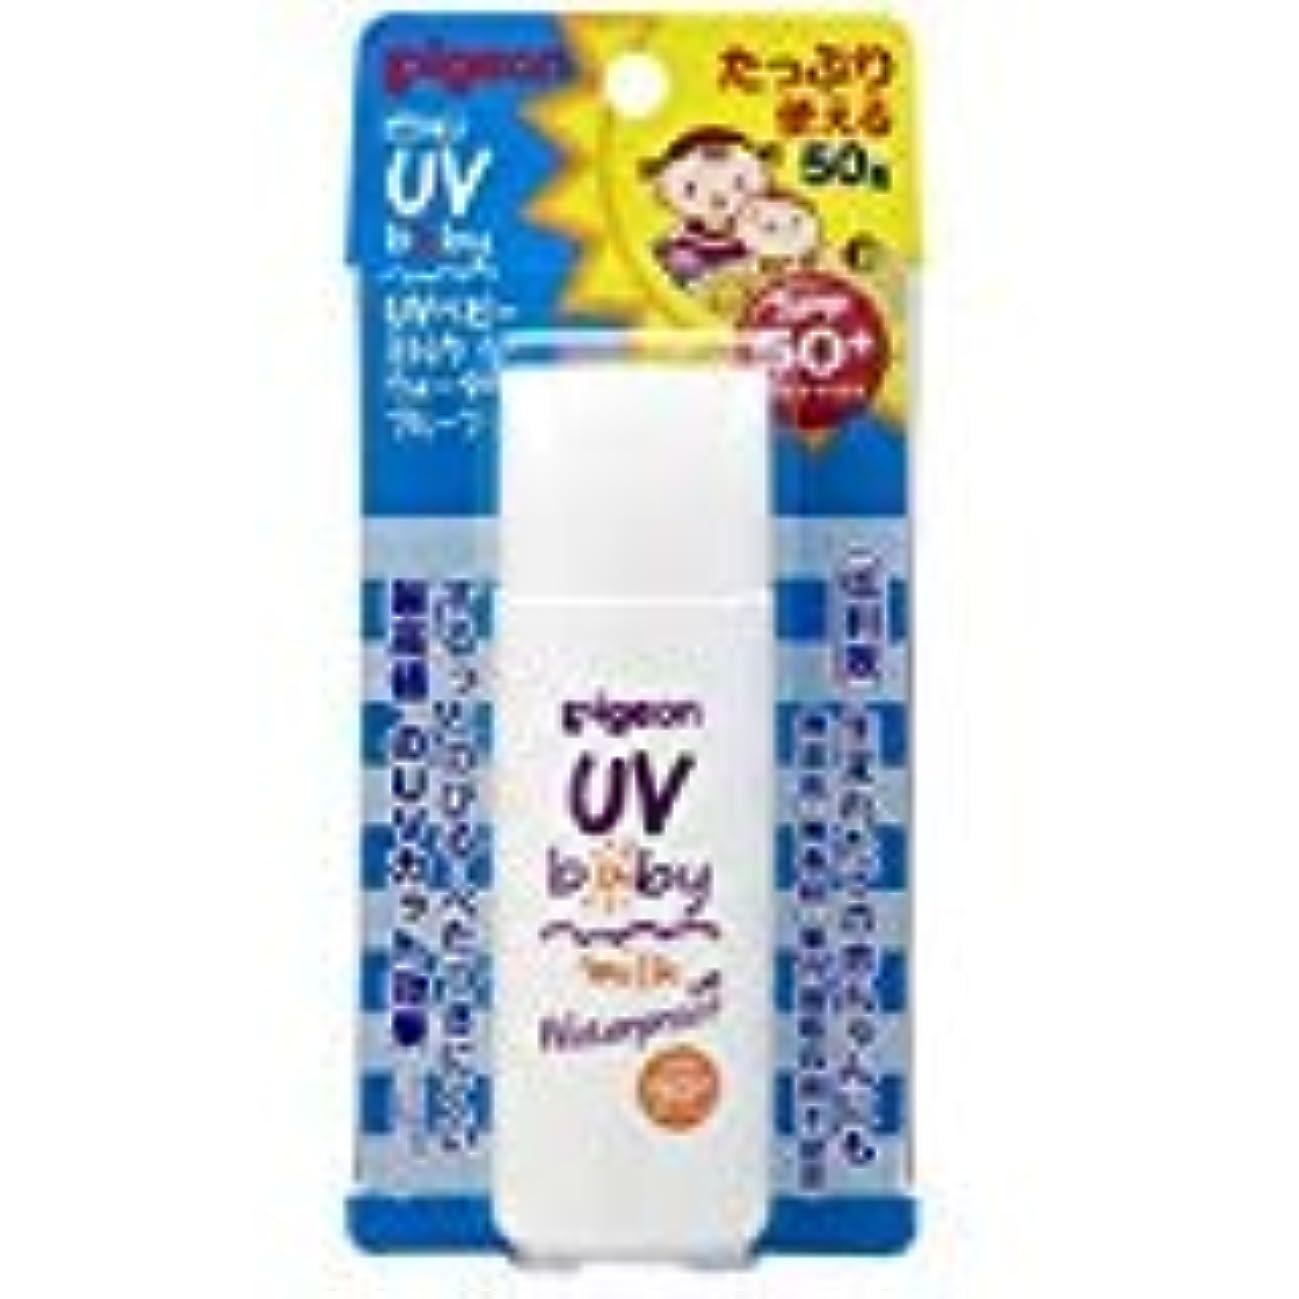 読み書きのできないチョコレート戦うピジョン UVベビーミルク ウォータープルーフ SPF50+ 50g